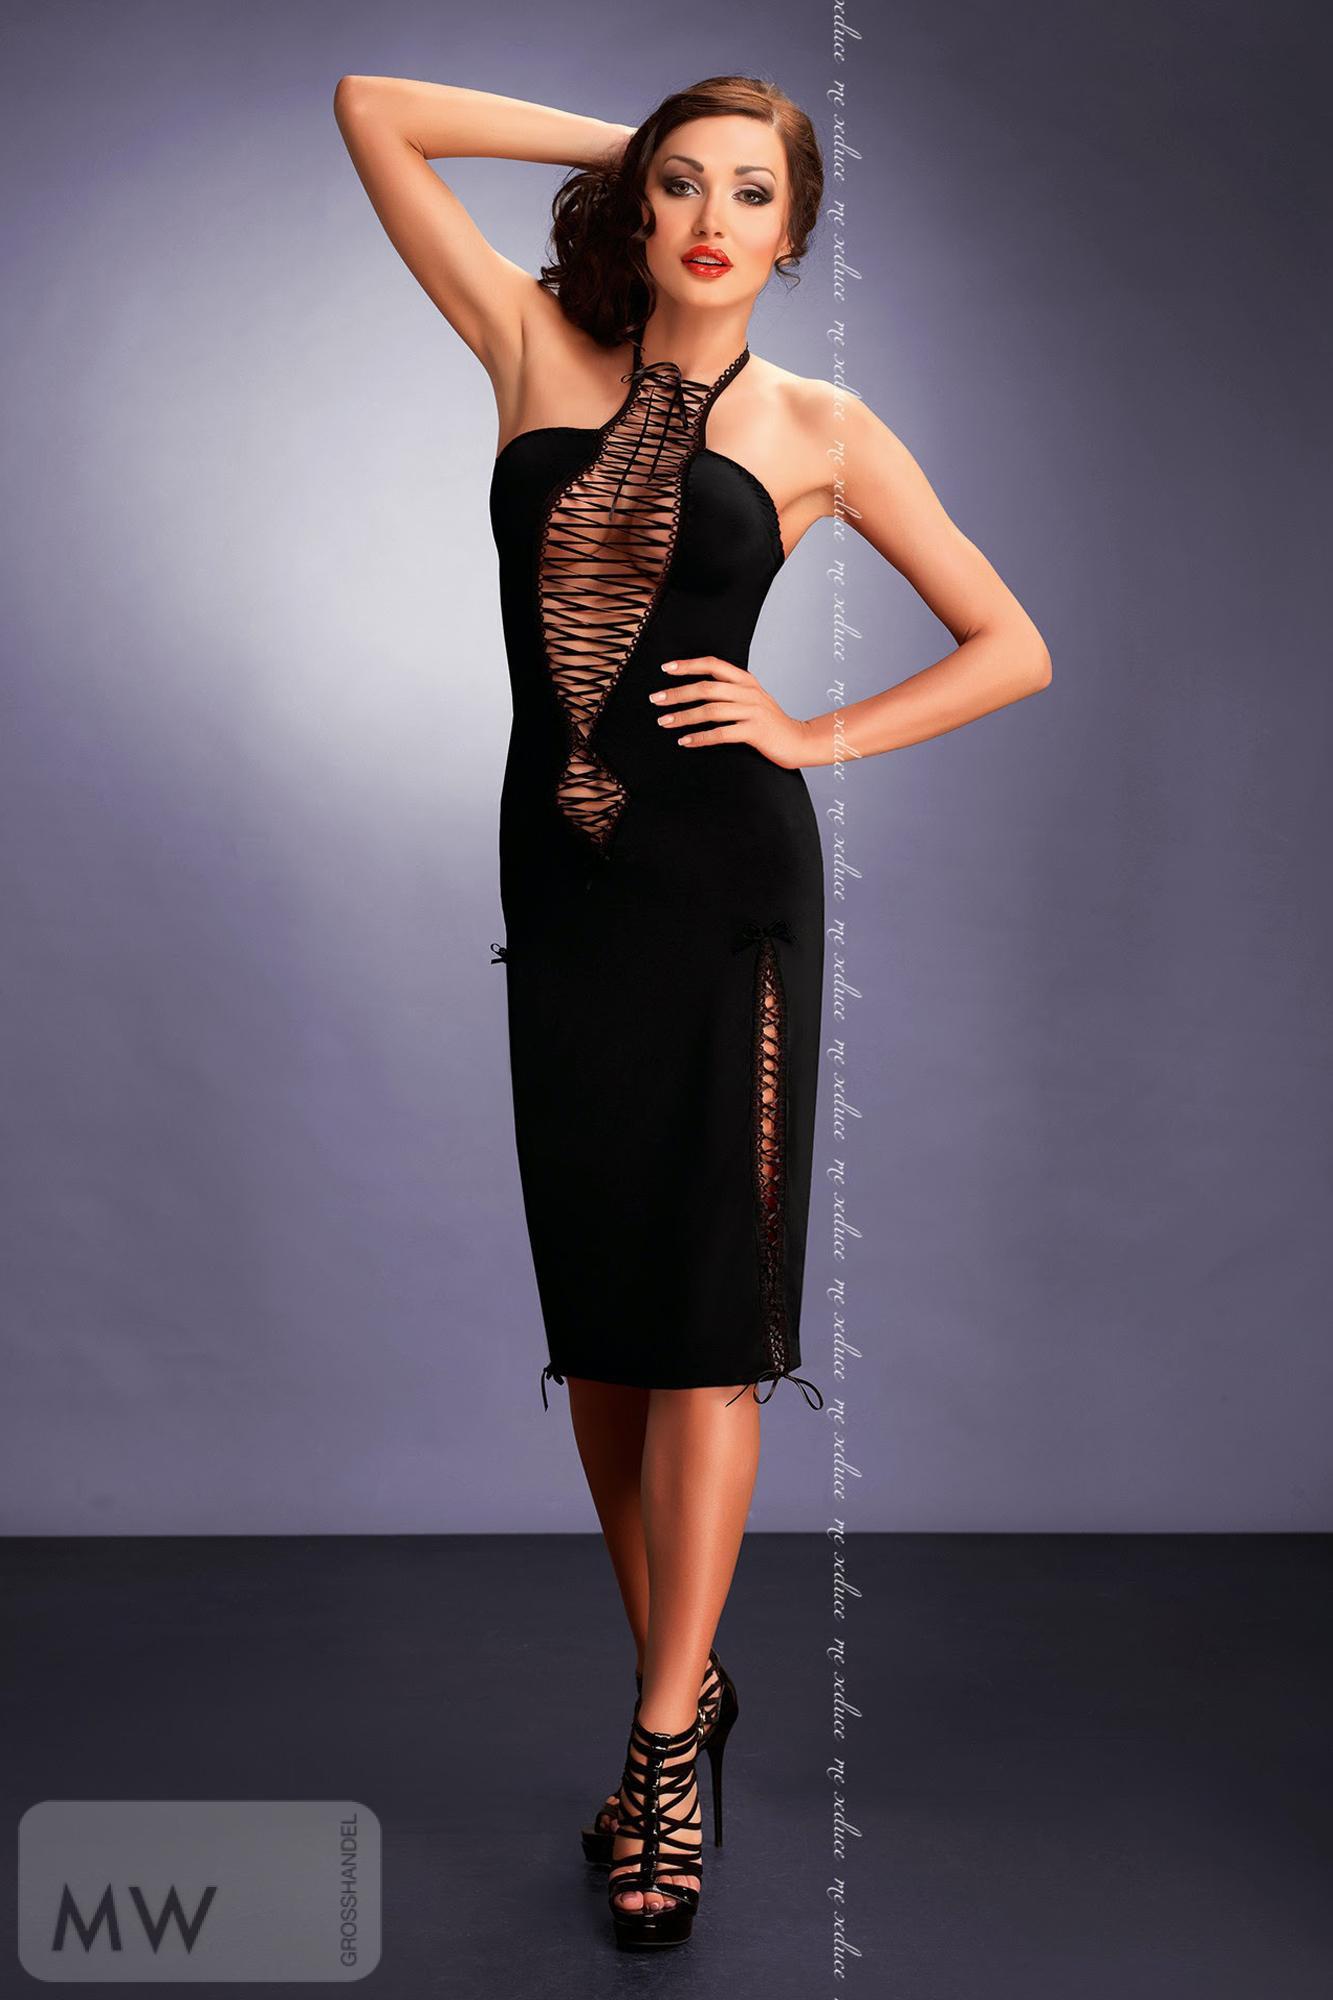 10 Luxus Schwarzes Kleid Xxl DesignFormal Spektakulär Schwarzes Kleid Xxl Vertrieb